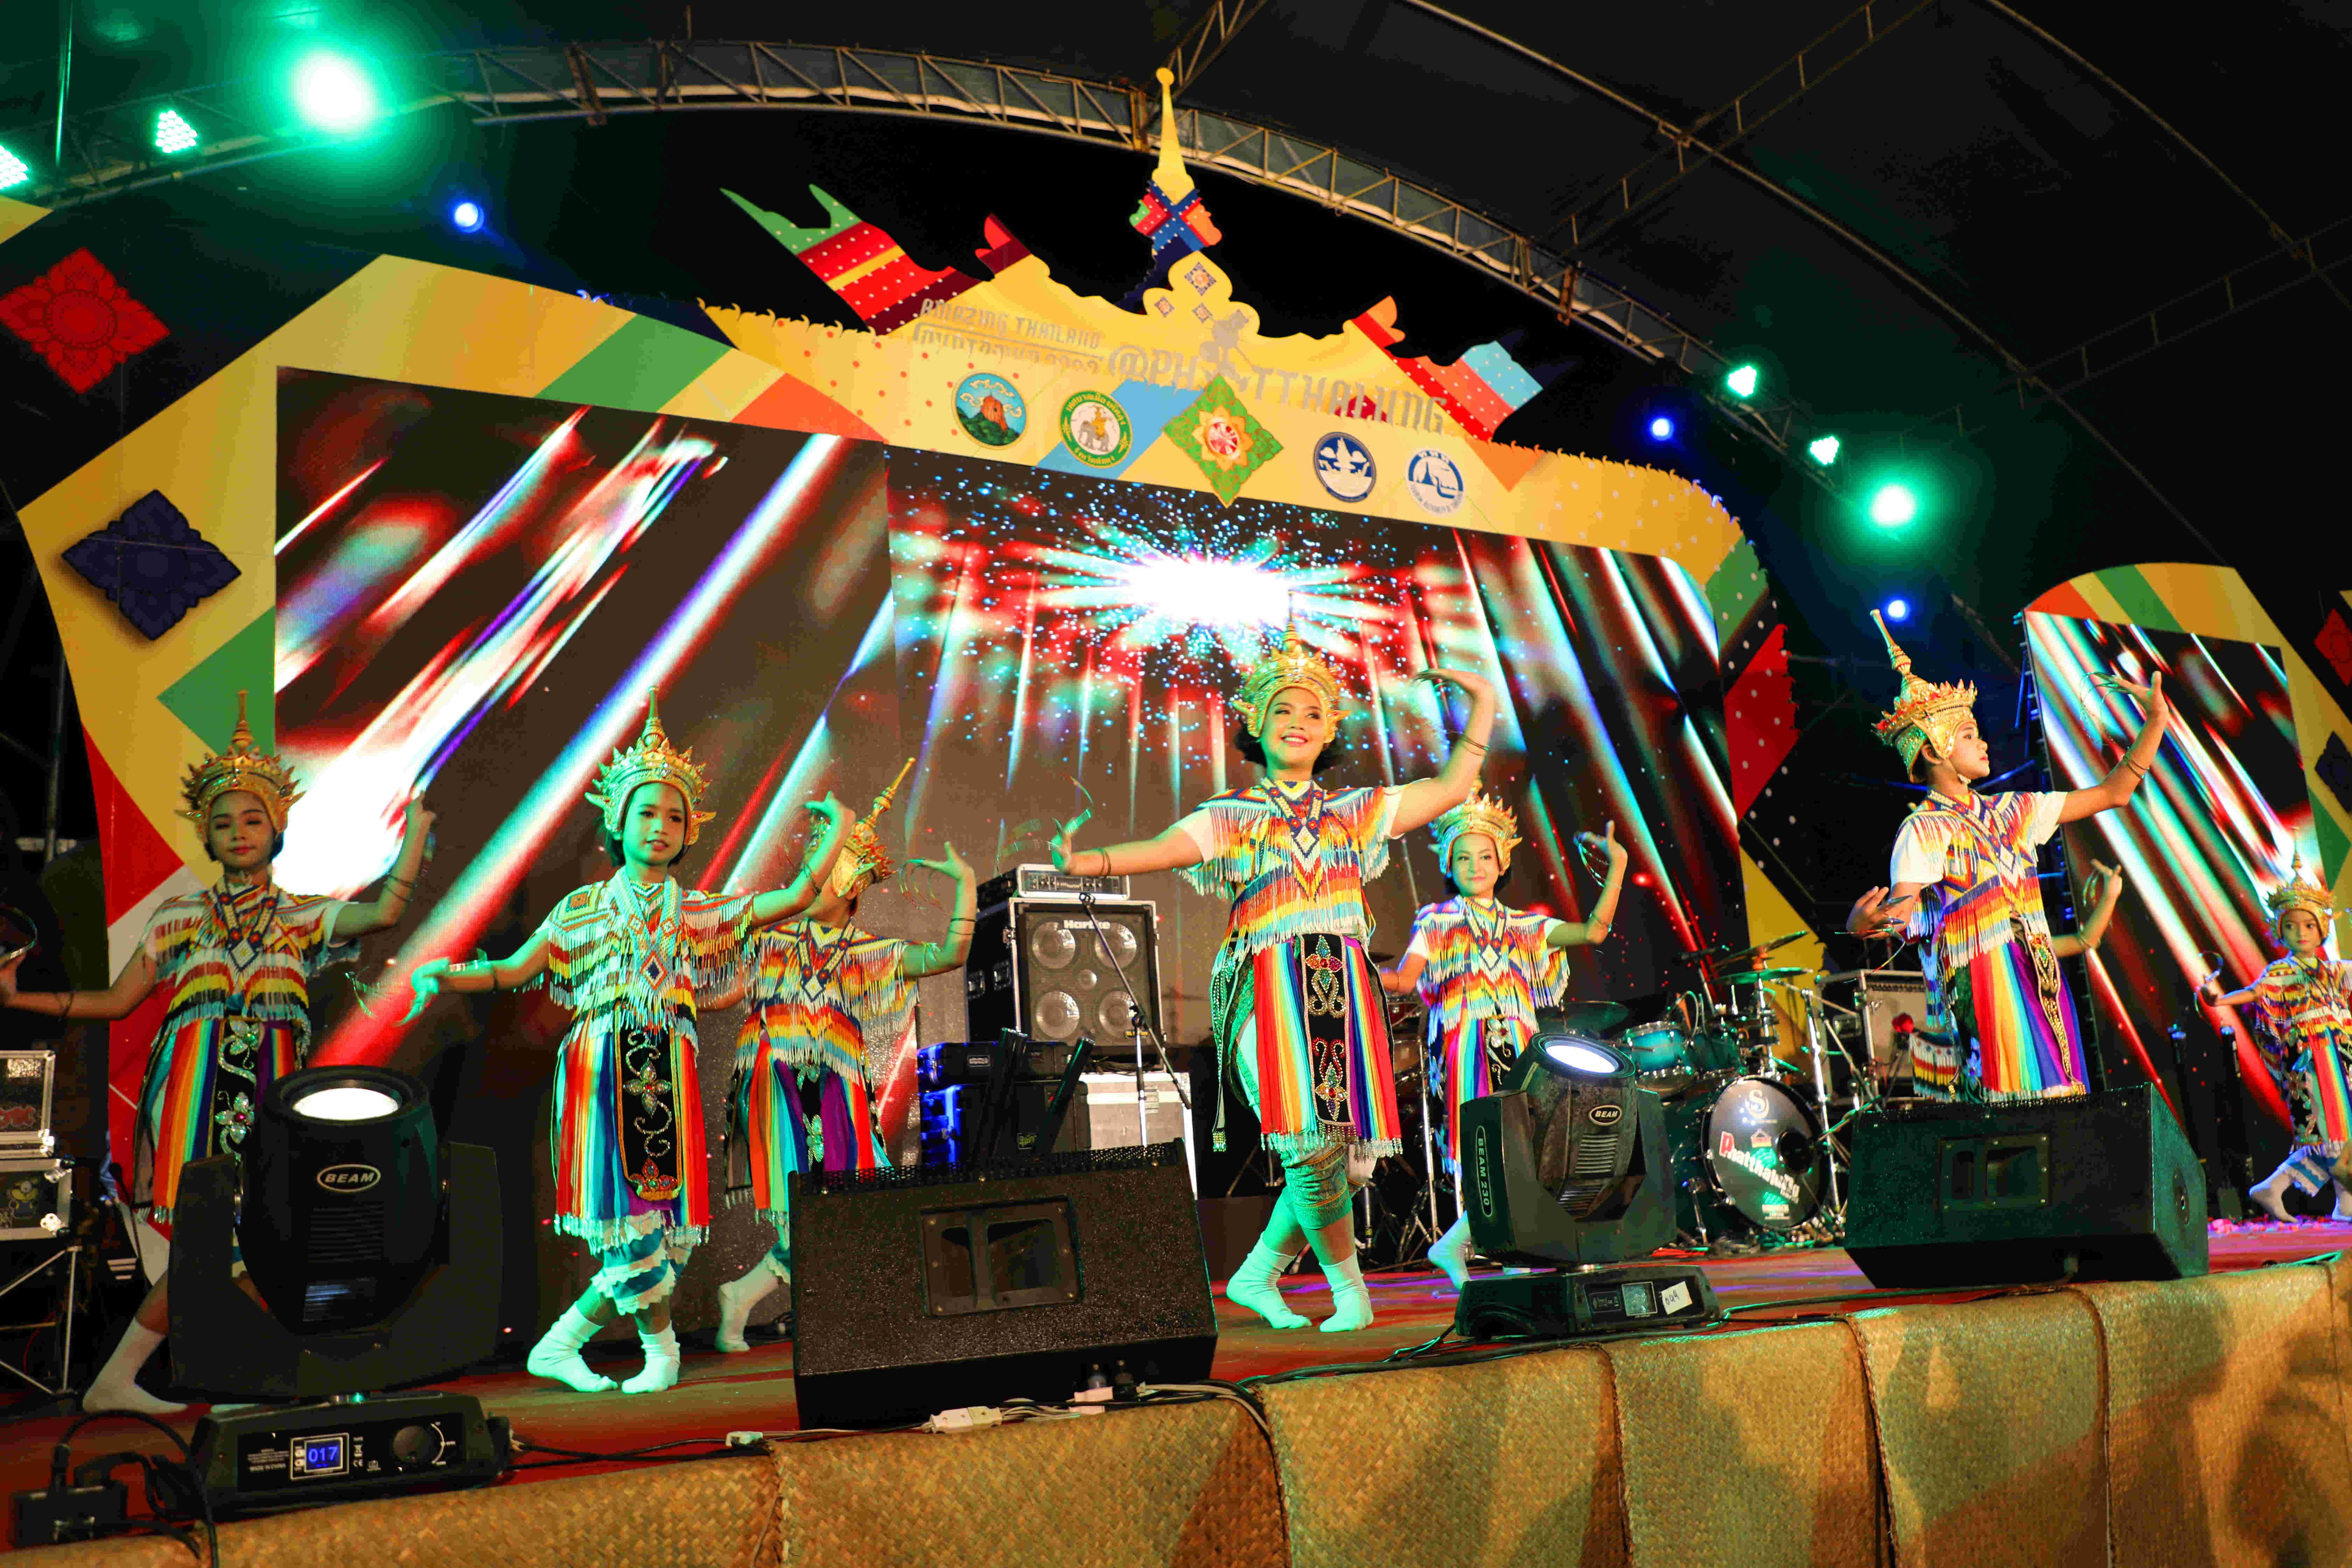 Countdown celebration kicks off in Phatthalung, Thailand